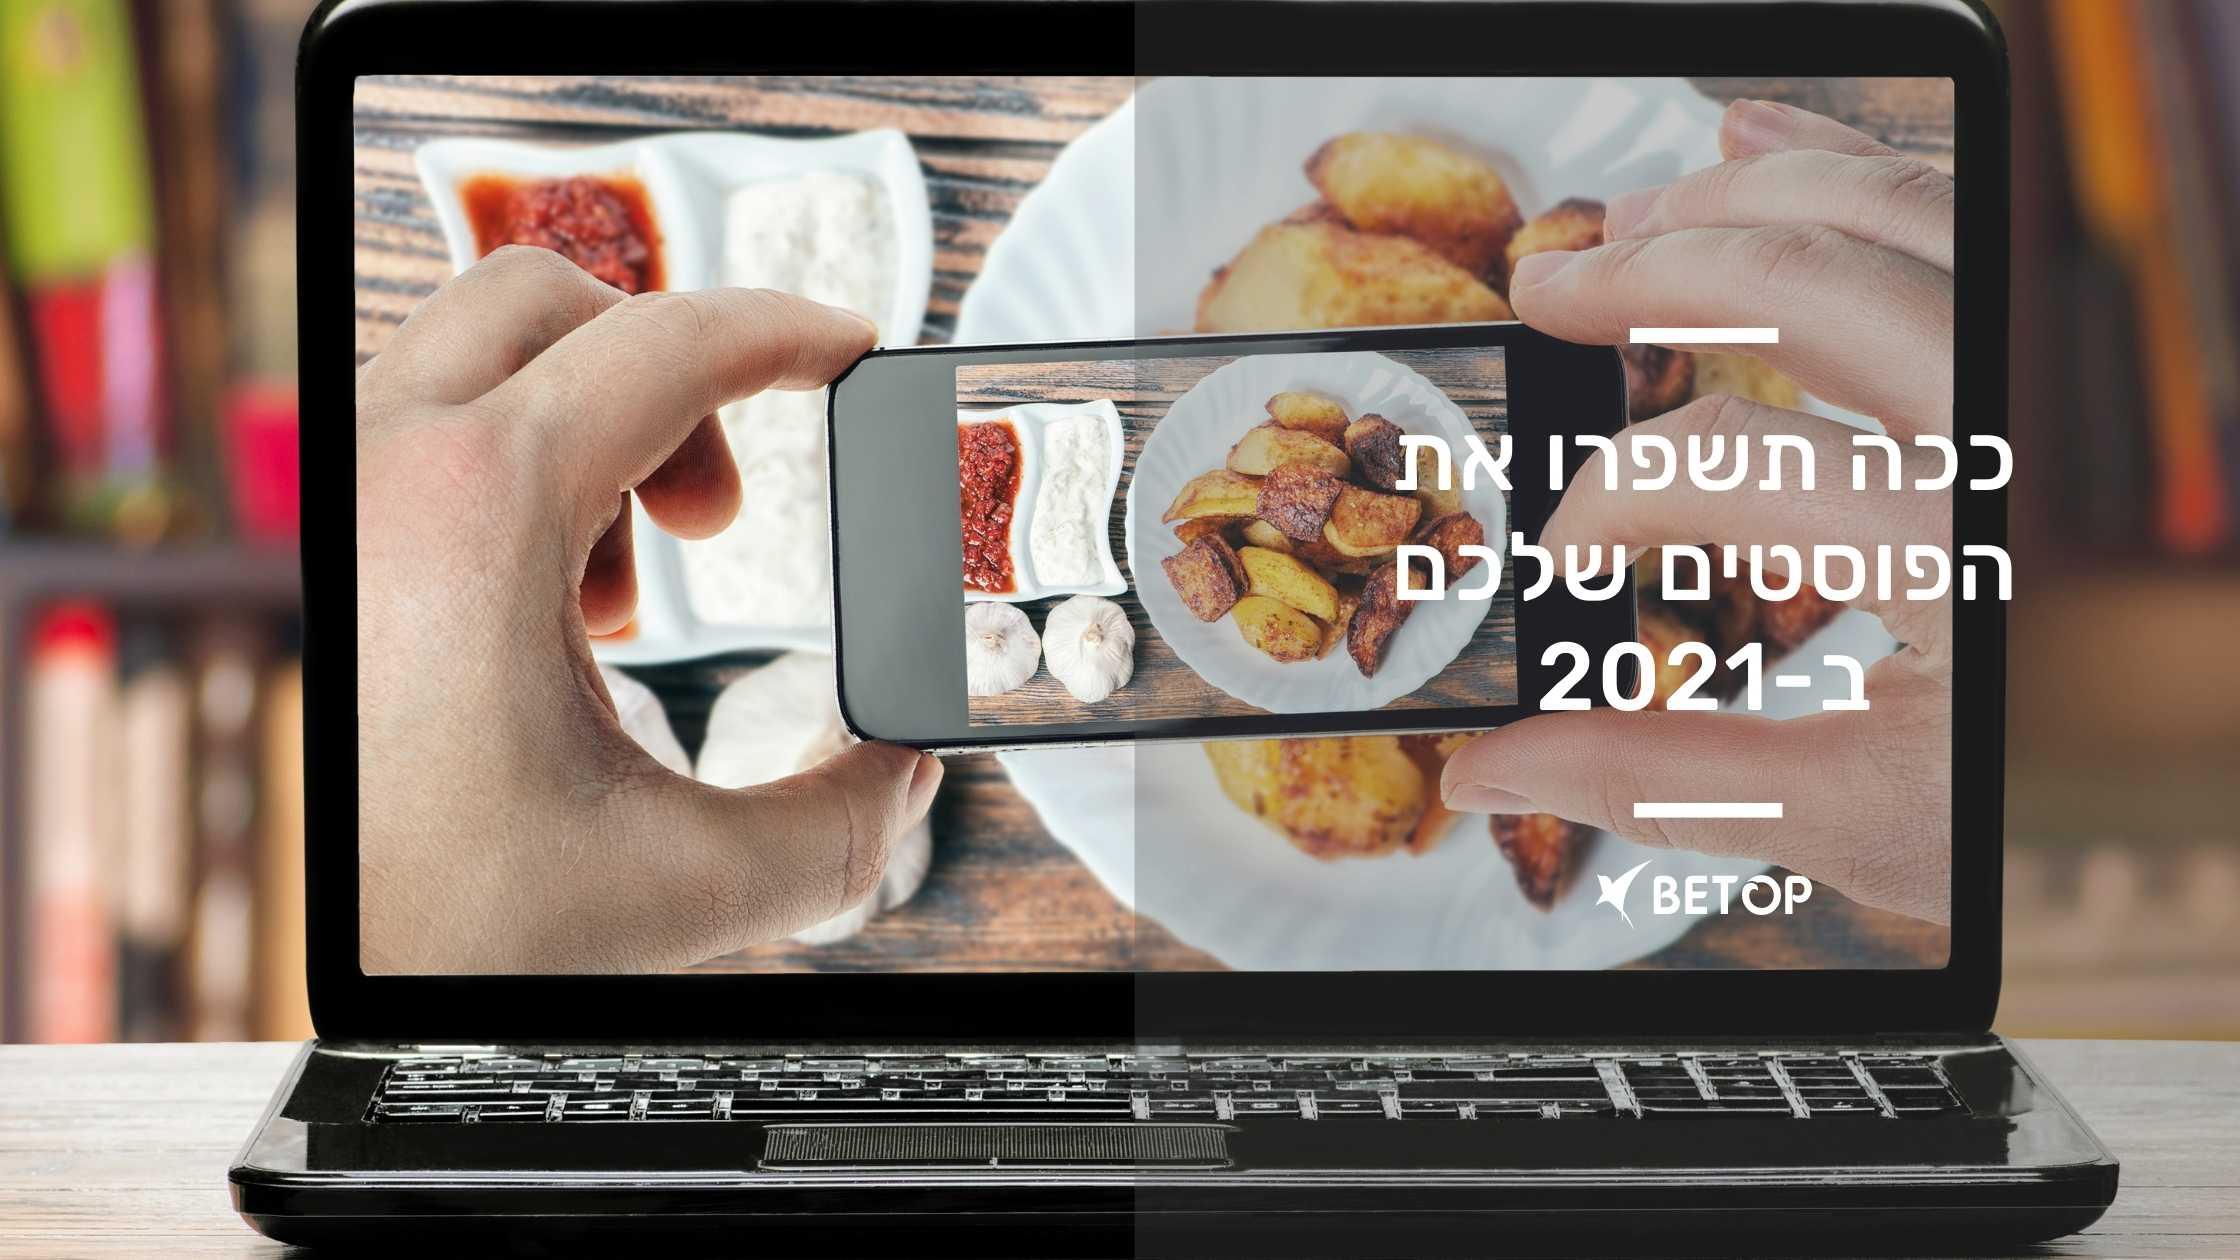 ככה תשפרו את הפוסטים שלכם ב-2021